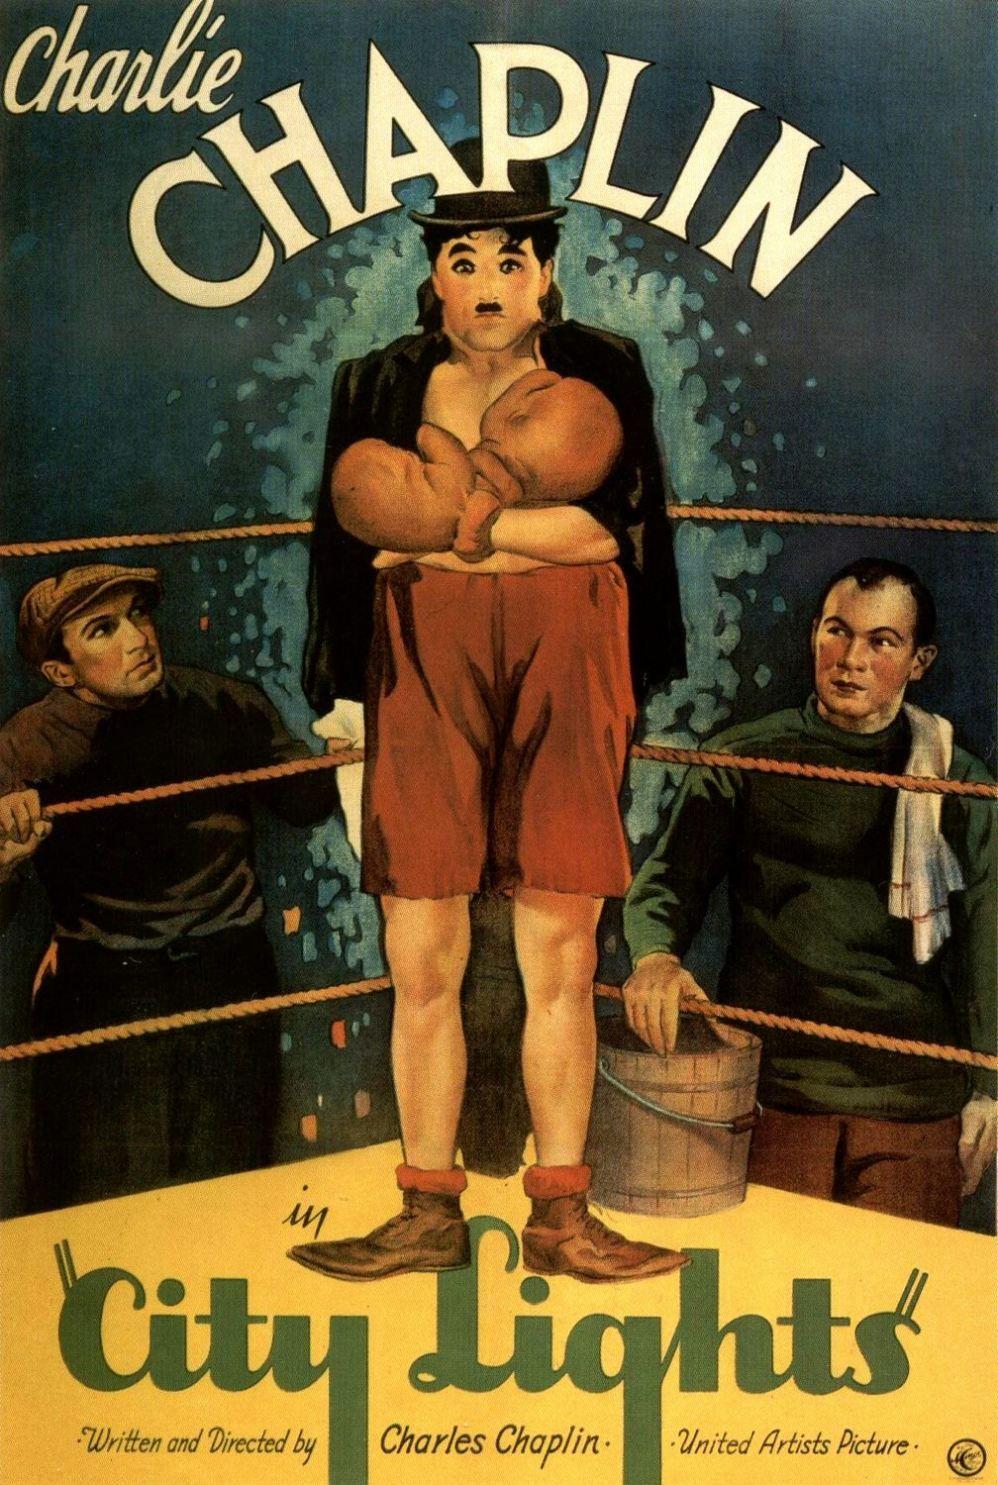 City%20Lights%201931.2 1 دانلود فیلم City Lights 1931 : رتبه ۳۵ در سایت IMDB